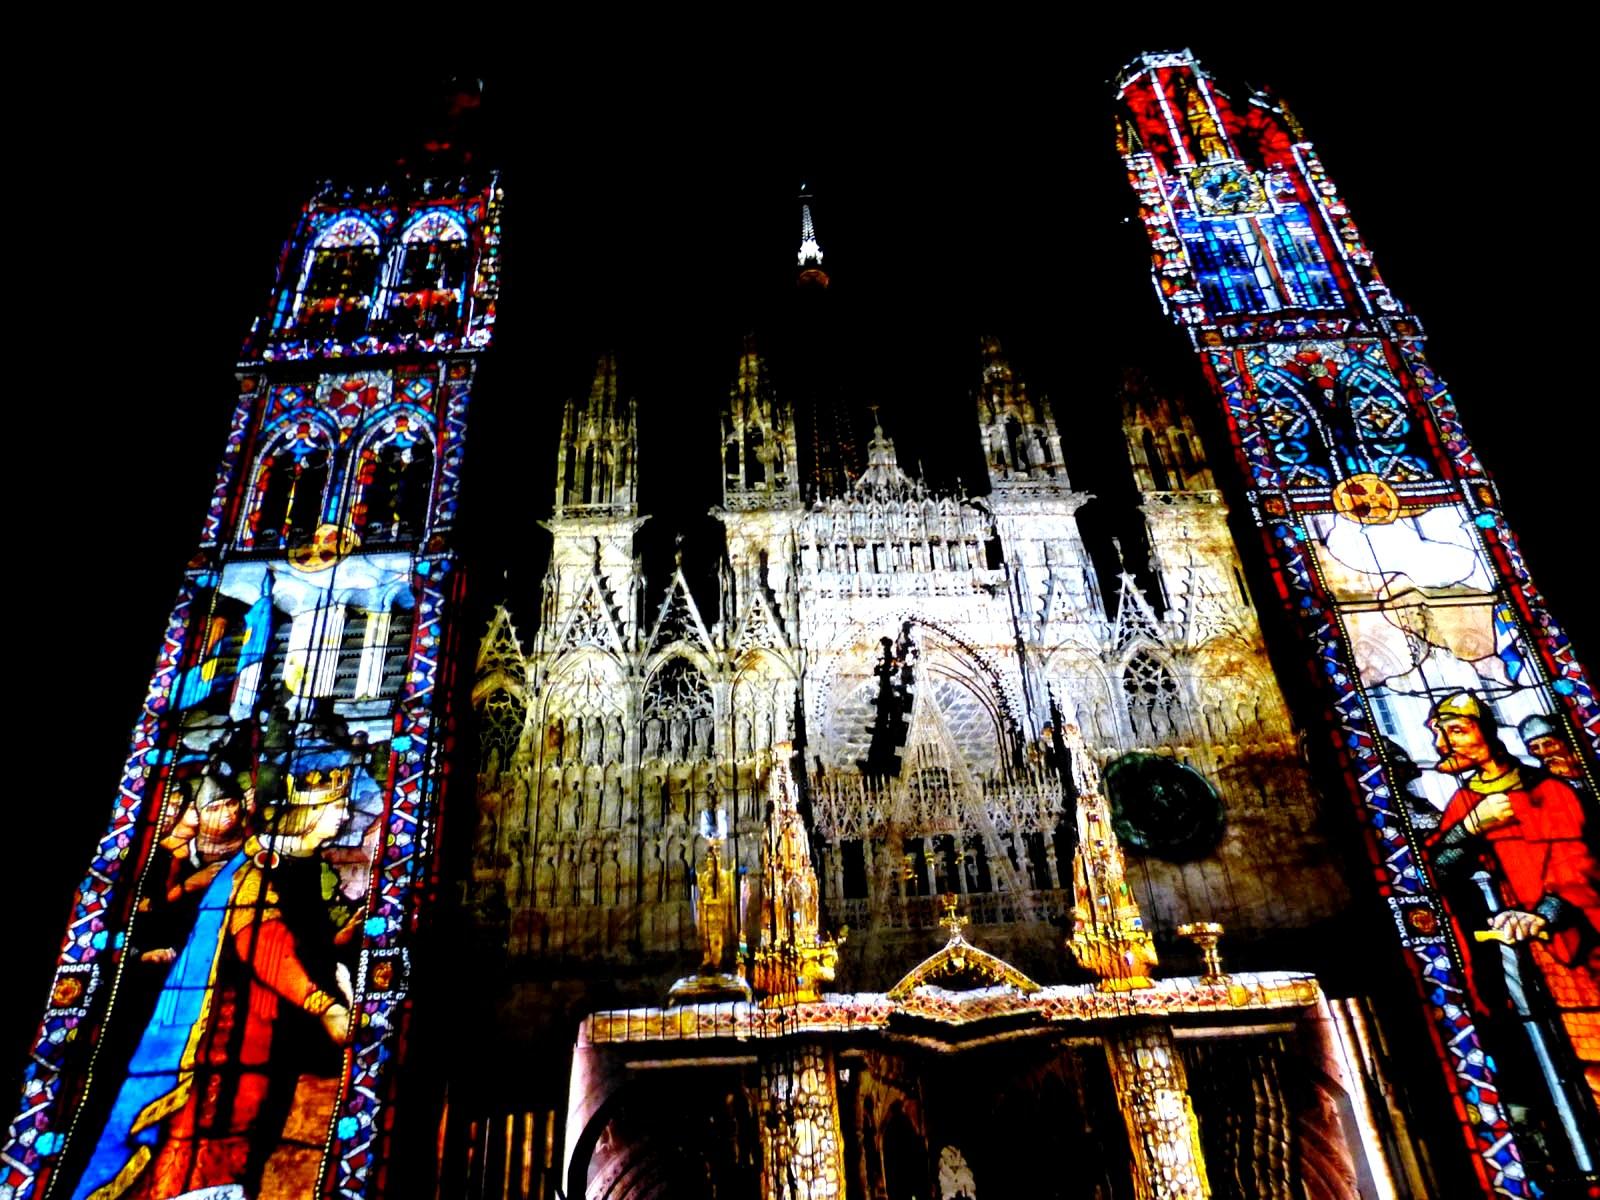 Обои витражное стекло, плащь, Витраж, церковь, мужчина. Разное foto 13